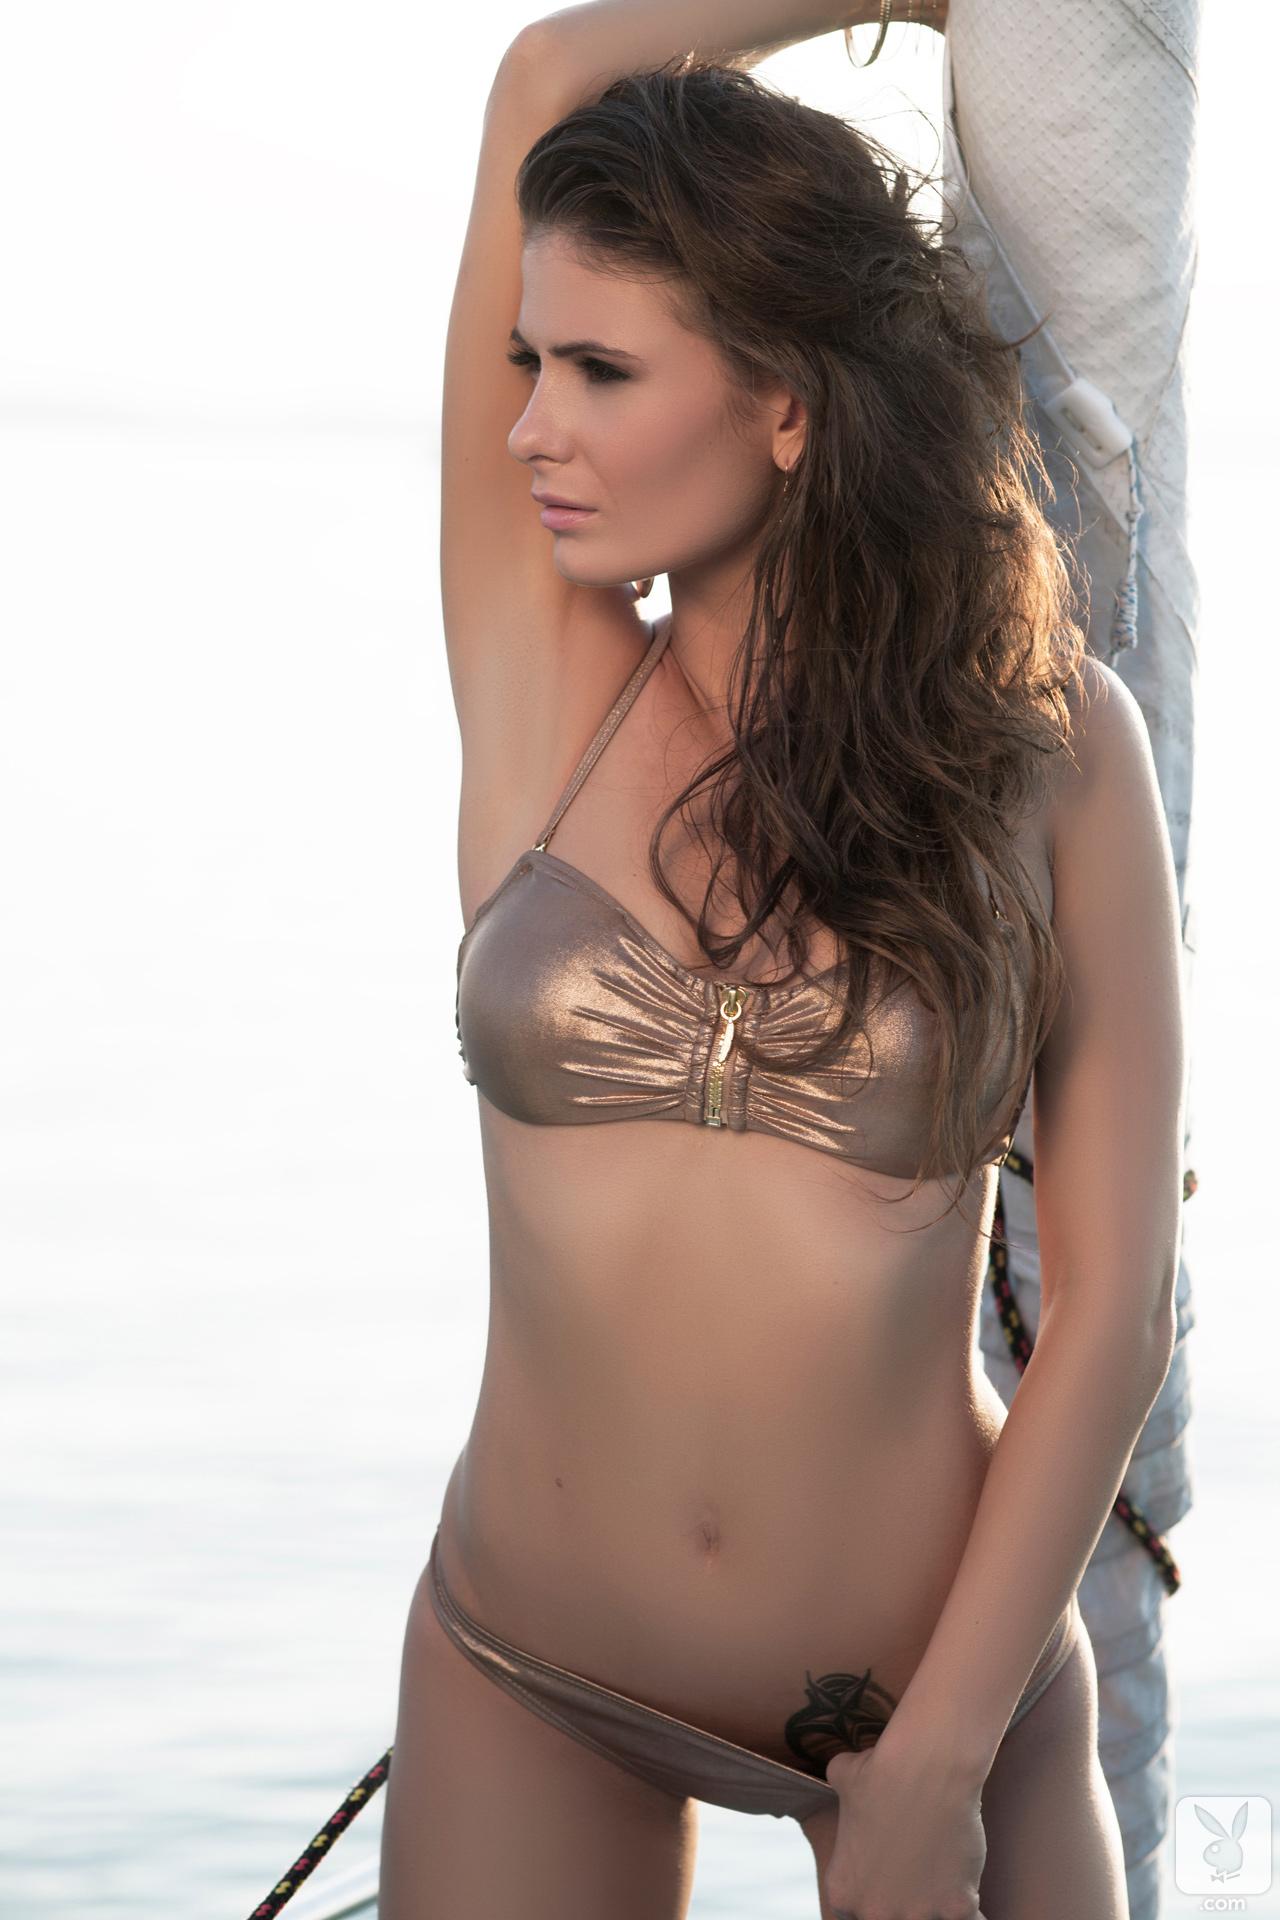 cosmo-bikini-yacht-naked-playboy-04